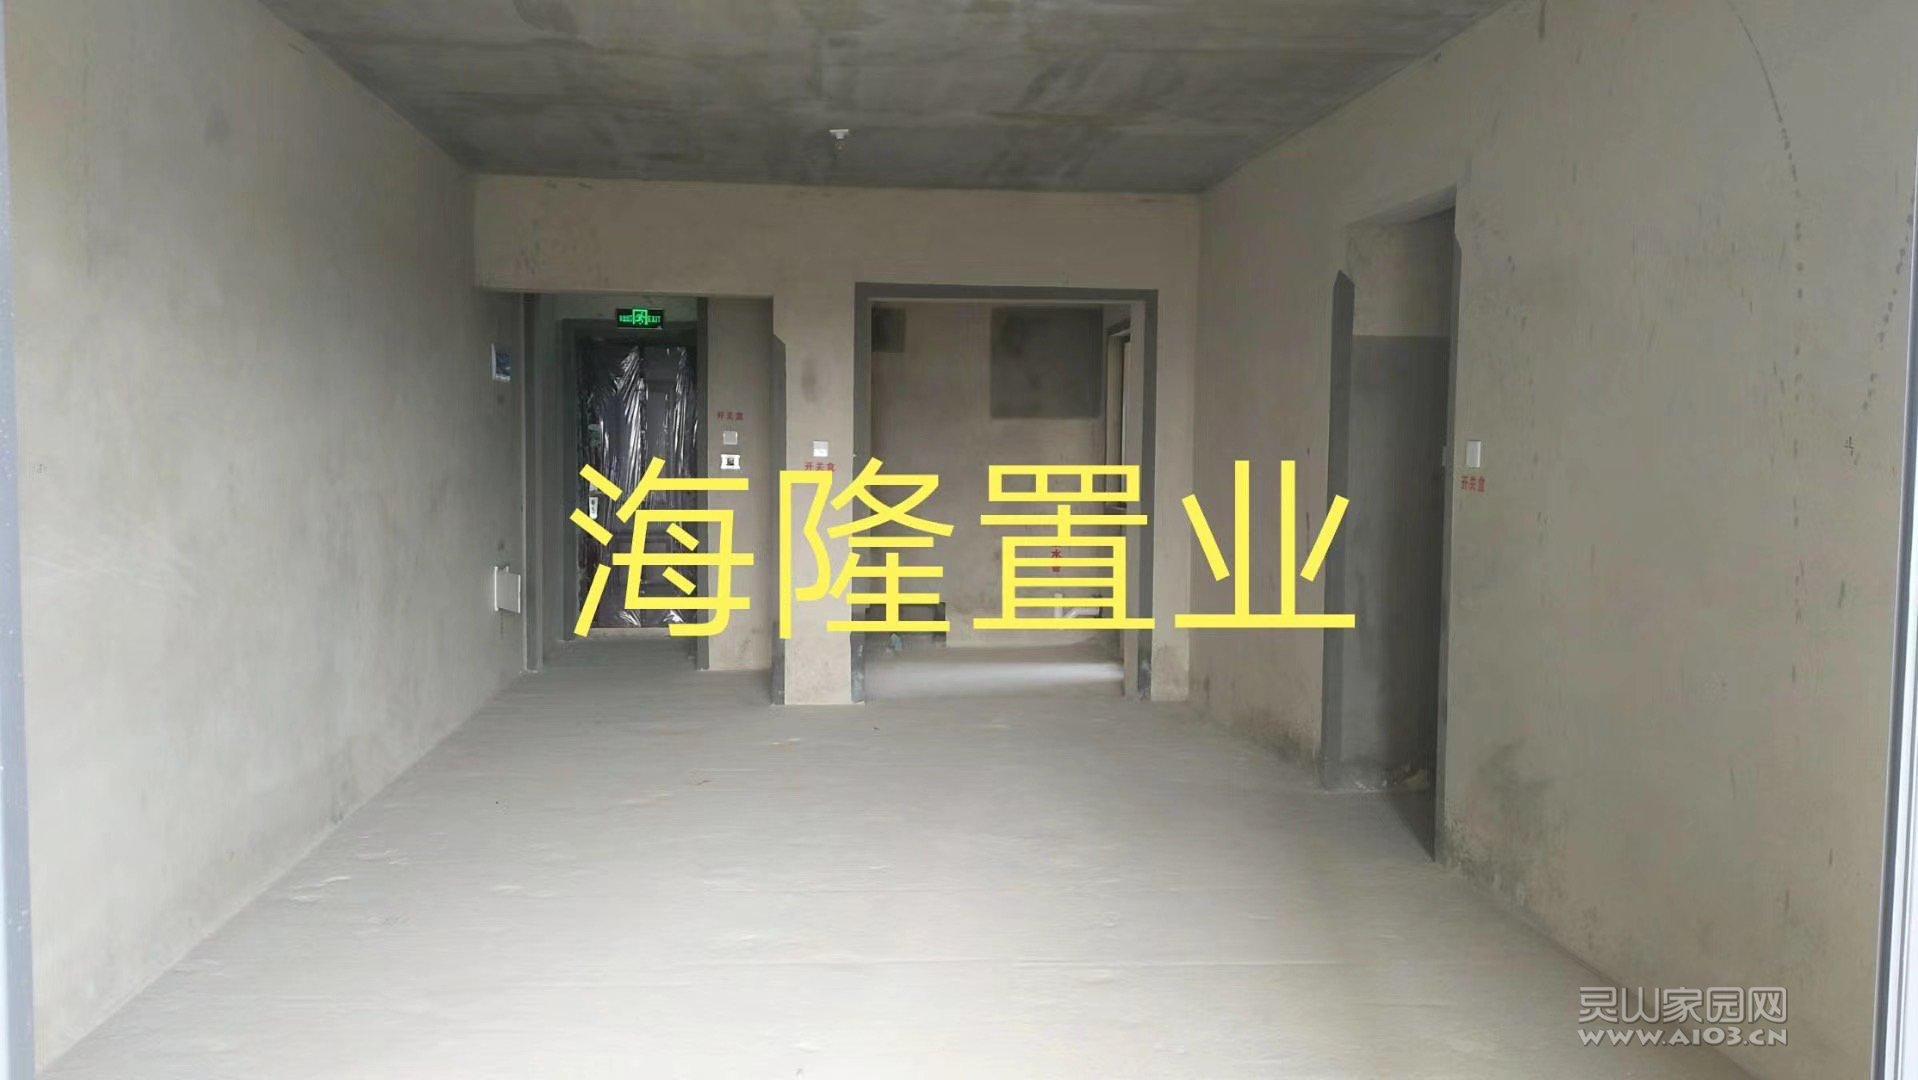 2EF24D07-34CC-4A4A-907B-4955386664E1.jpeg